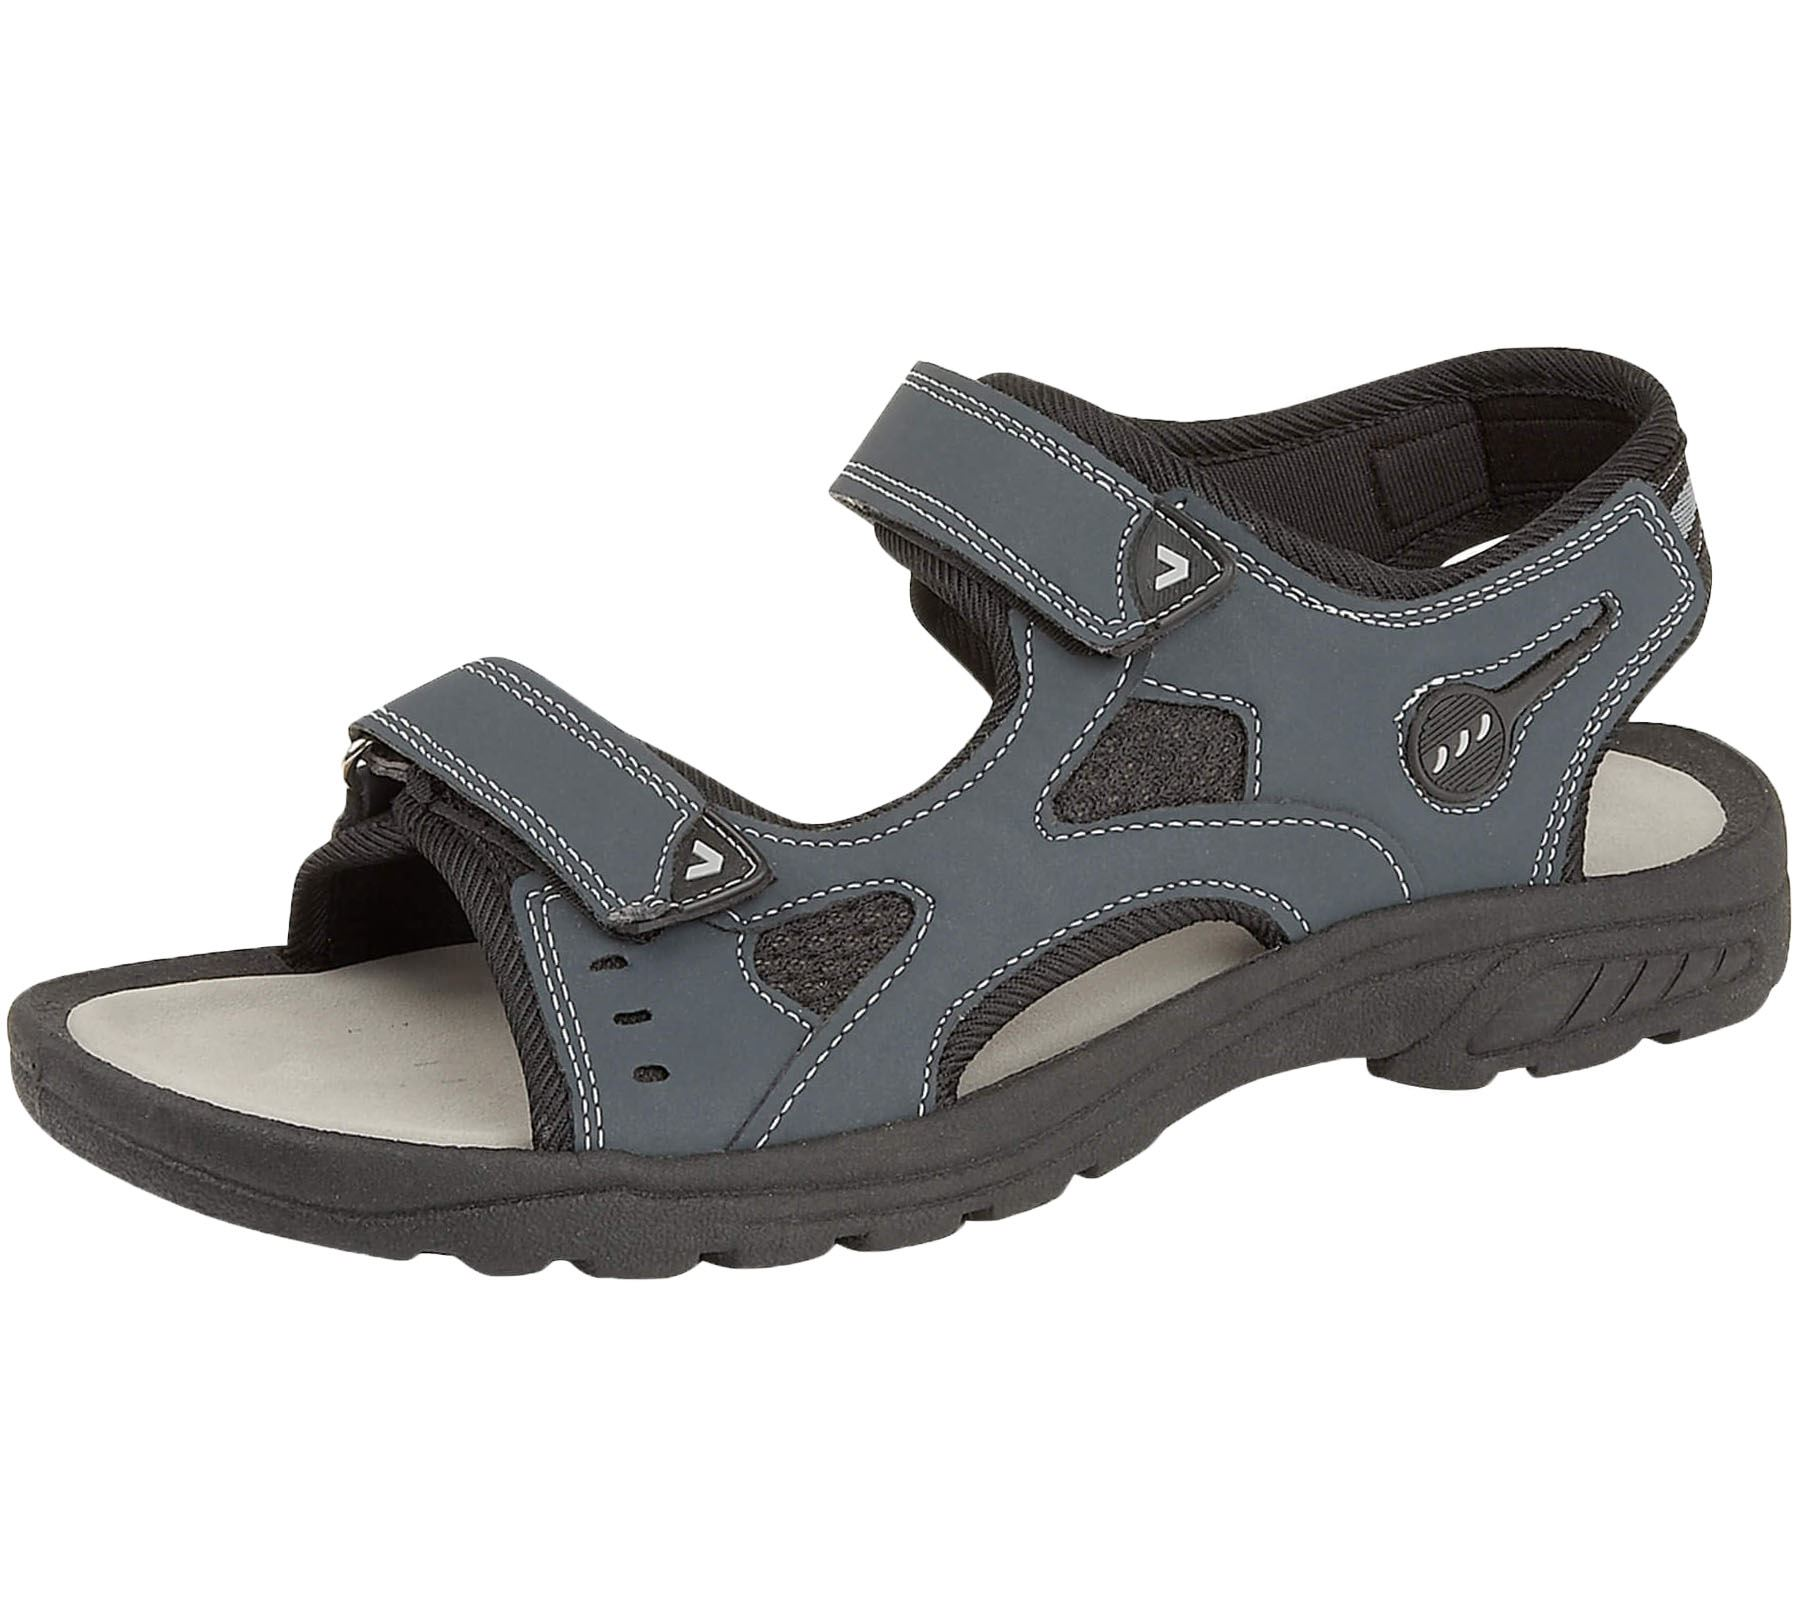 Mens-Sandals-Summer-Beach-Casual-Syenthatic-Sandals miniatura 15